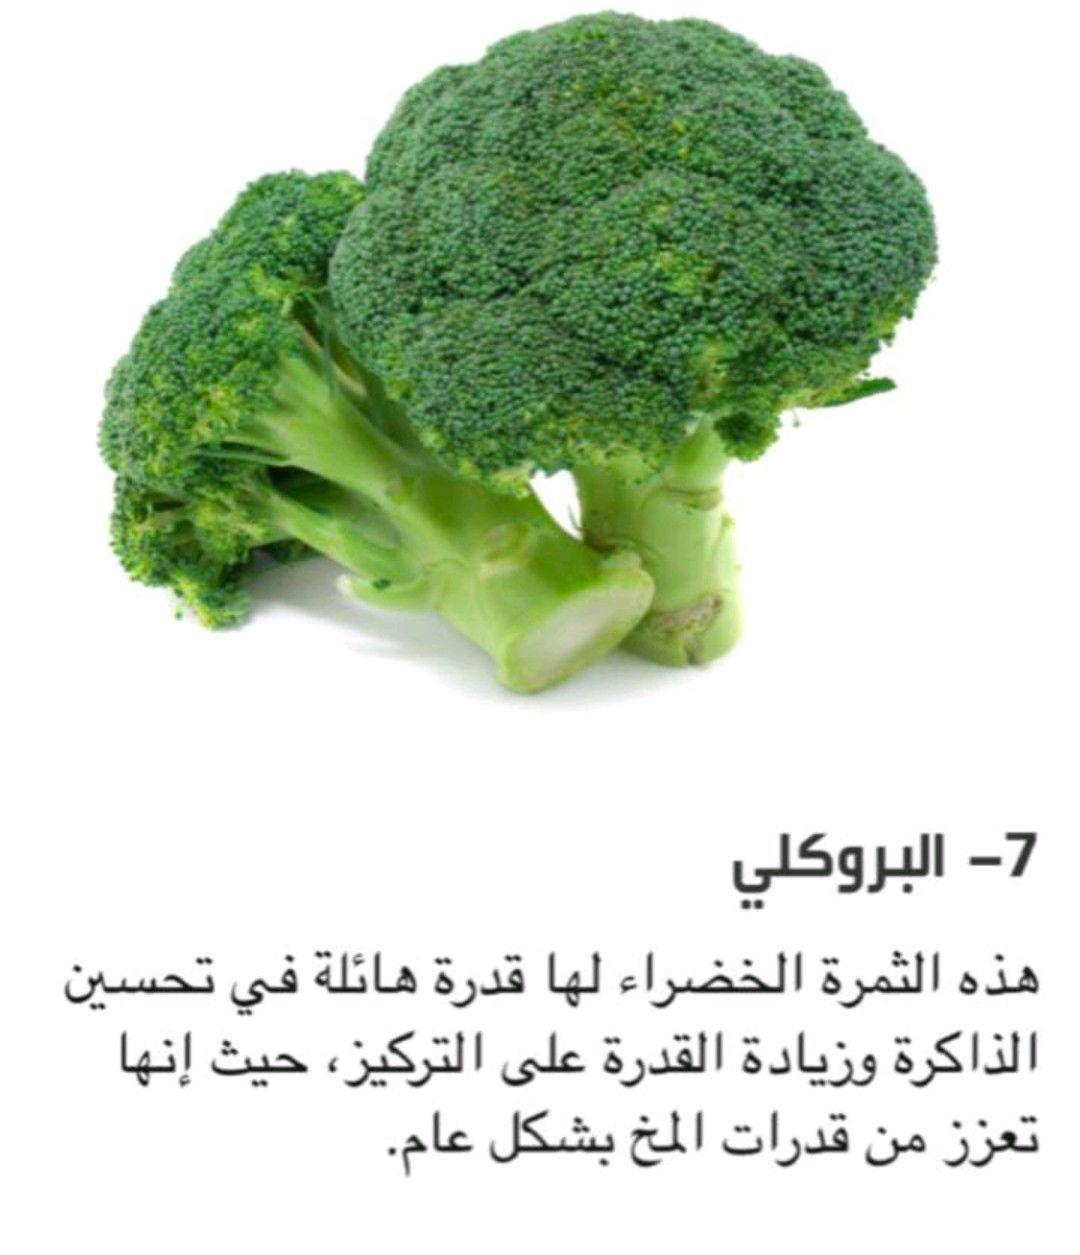 Pin By Maallloooock Alg On Health And Beauty Nutrition Health And Nutrition Health